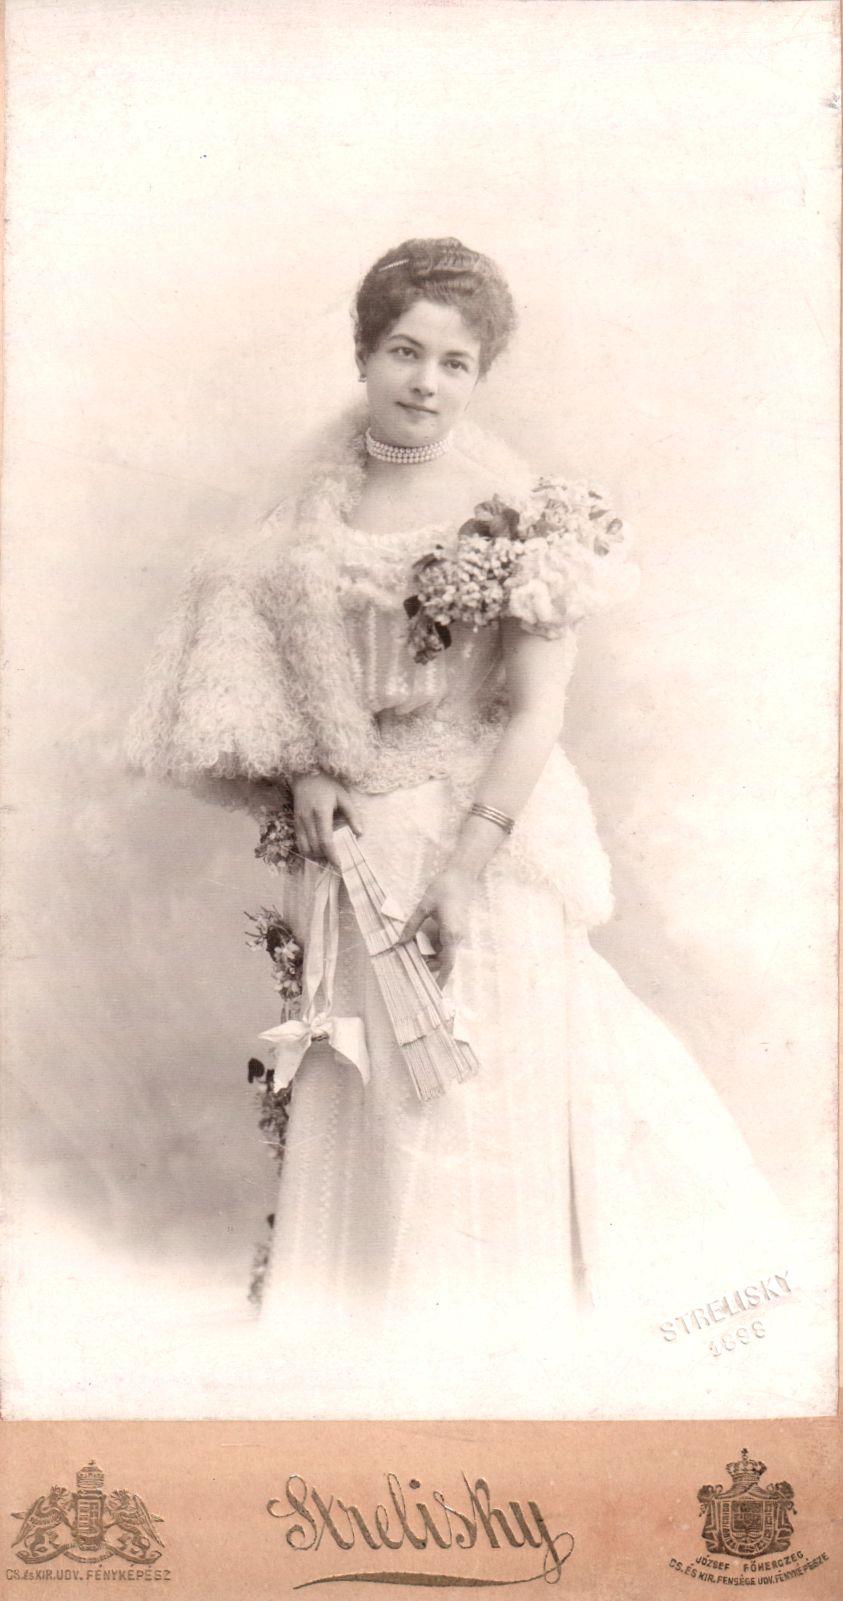 L.T. édesanyja, szül. harasztosi Horváth Constancia <br/>(1878-?)